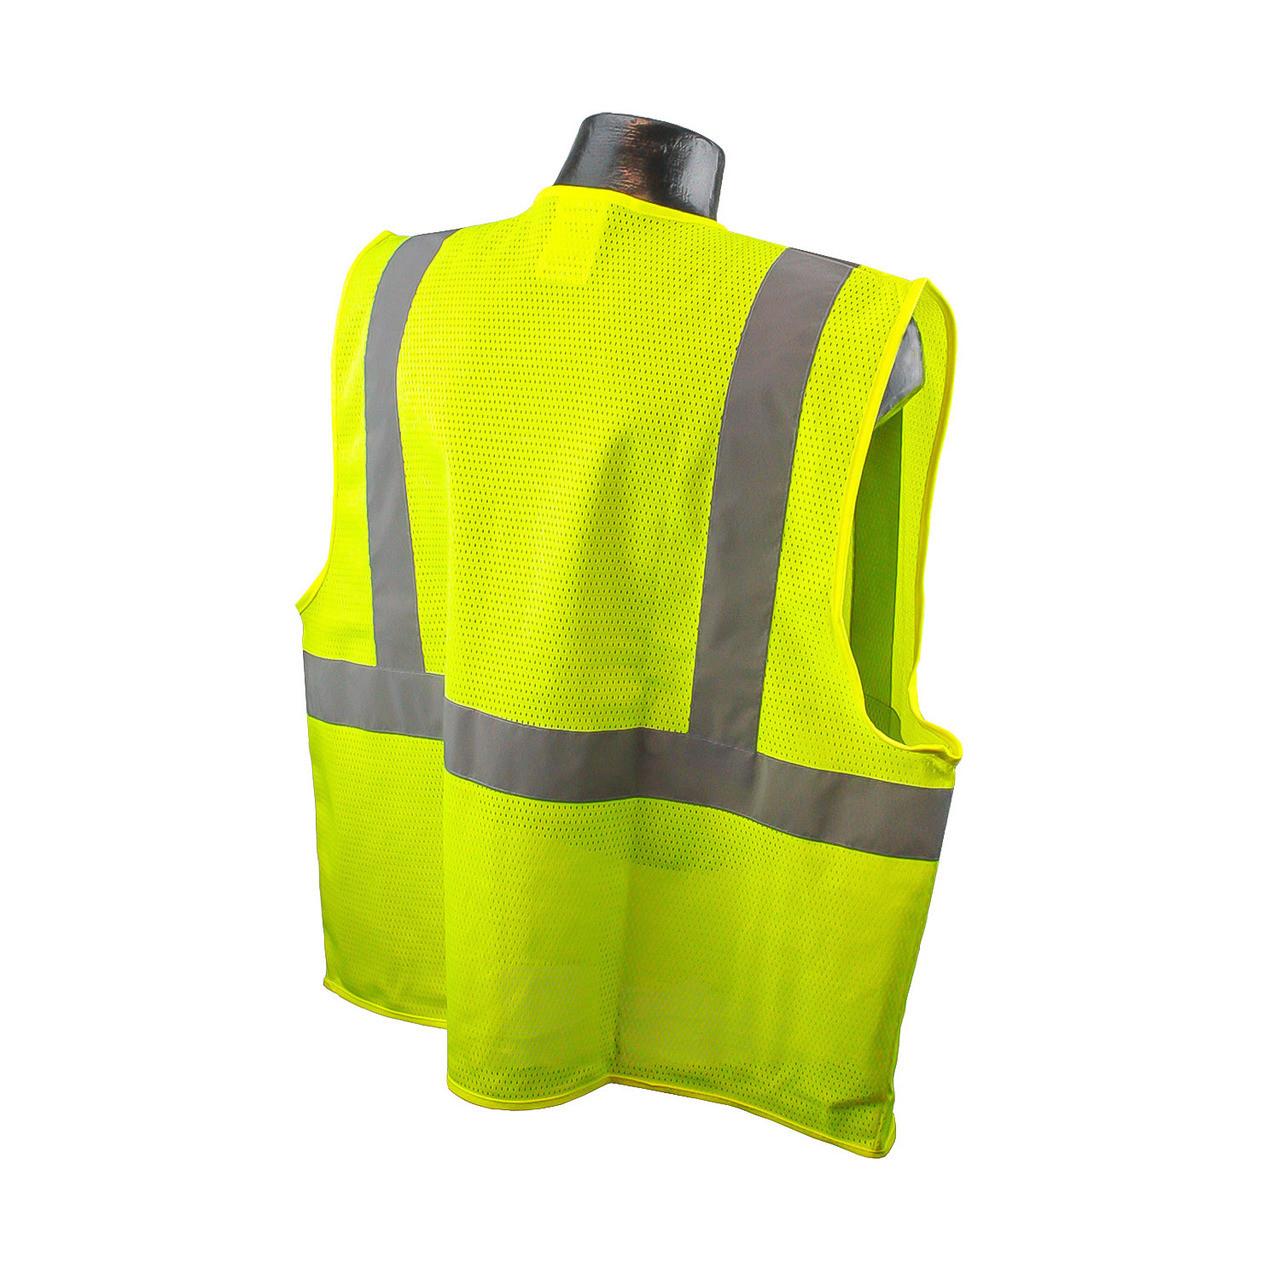 Radians SV2 Safety Vest Lime - Safety Green Back